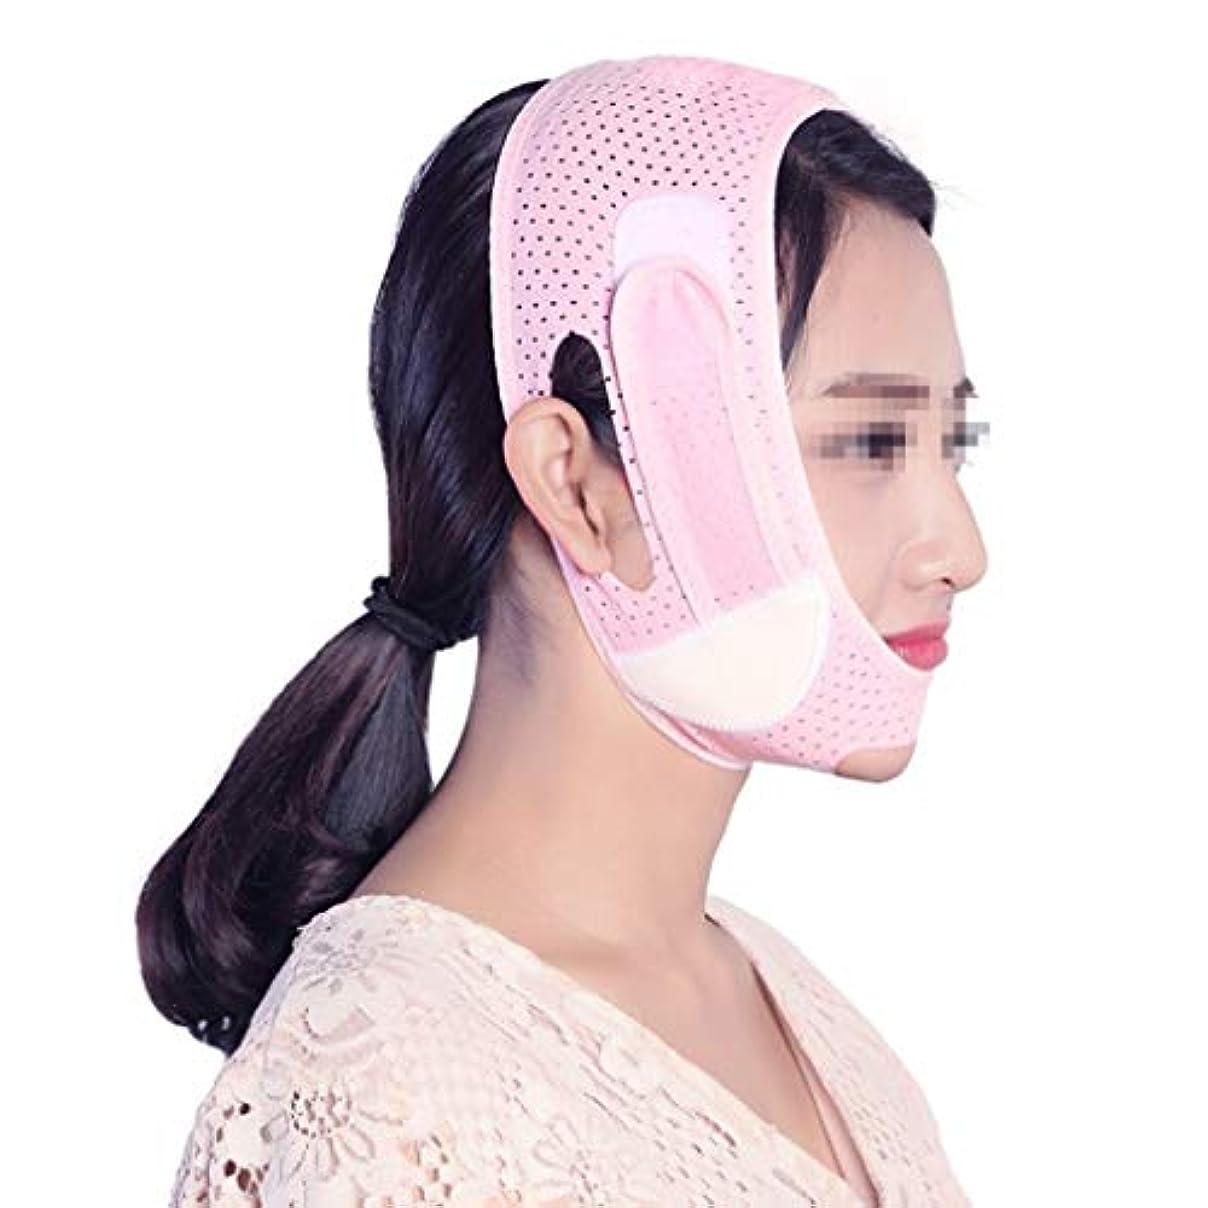 しなければならない人工的なリズムスリープシンフェイスバンデージ、リフティングプルVフェイスファーミングアンチサギングダブルチンシンマッセターマスク